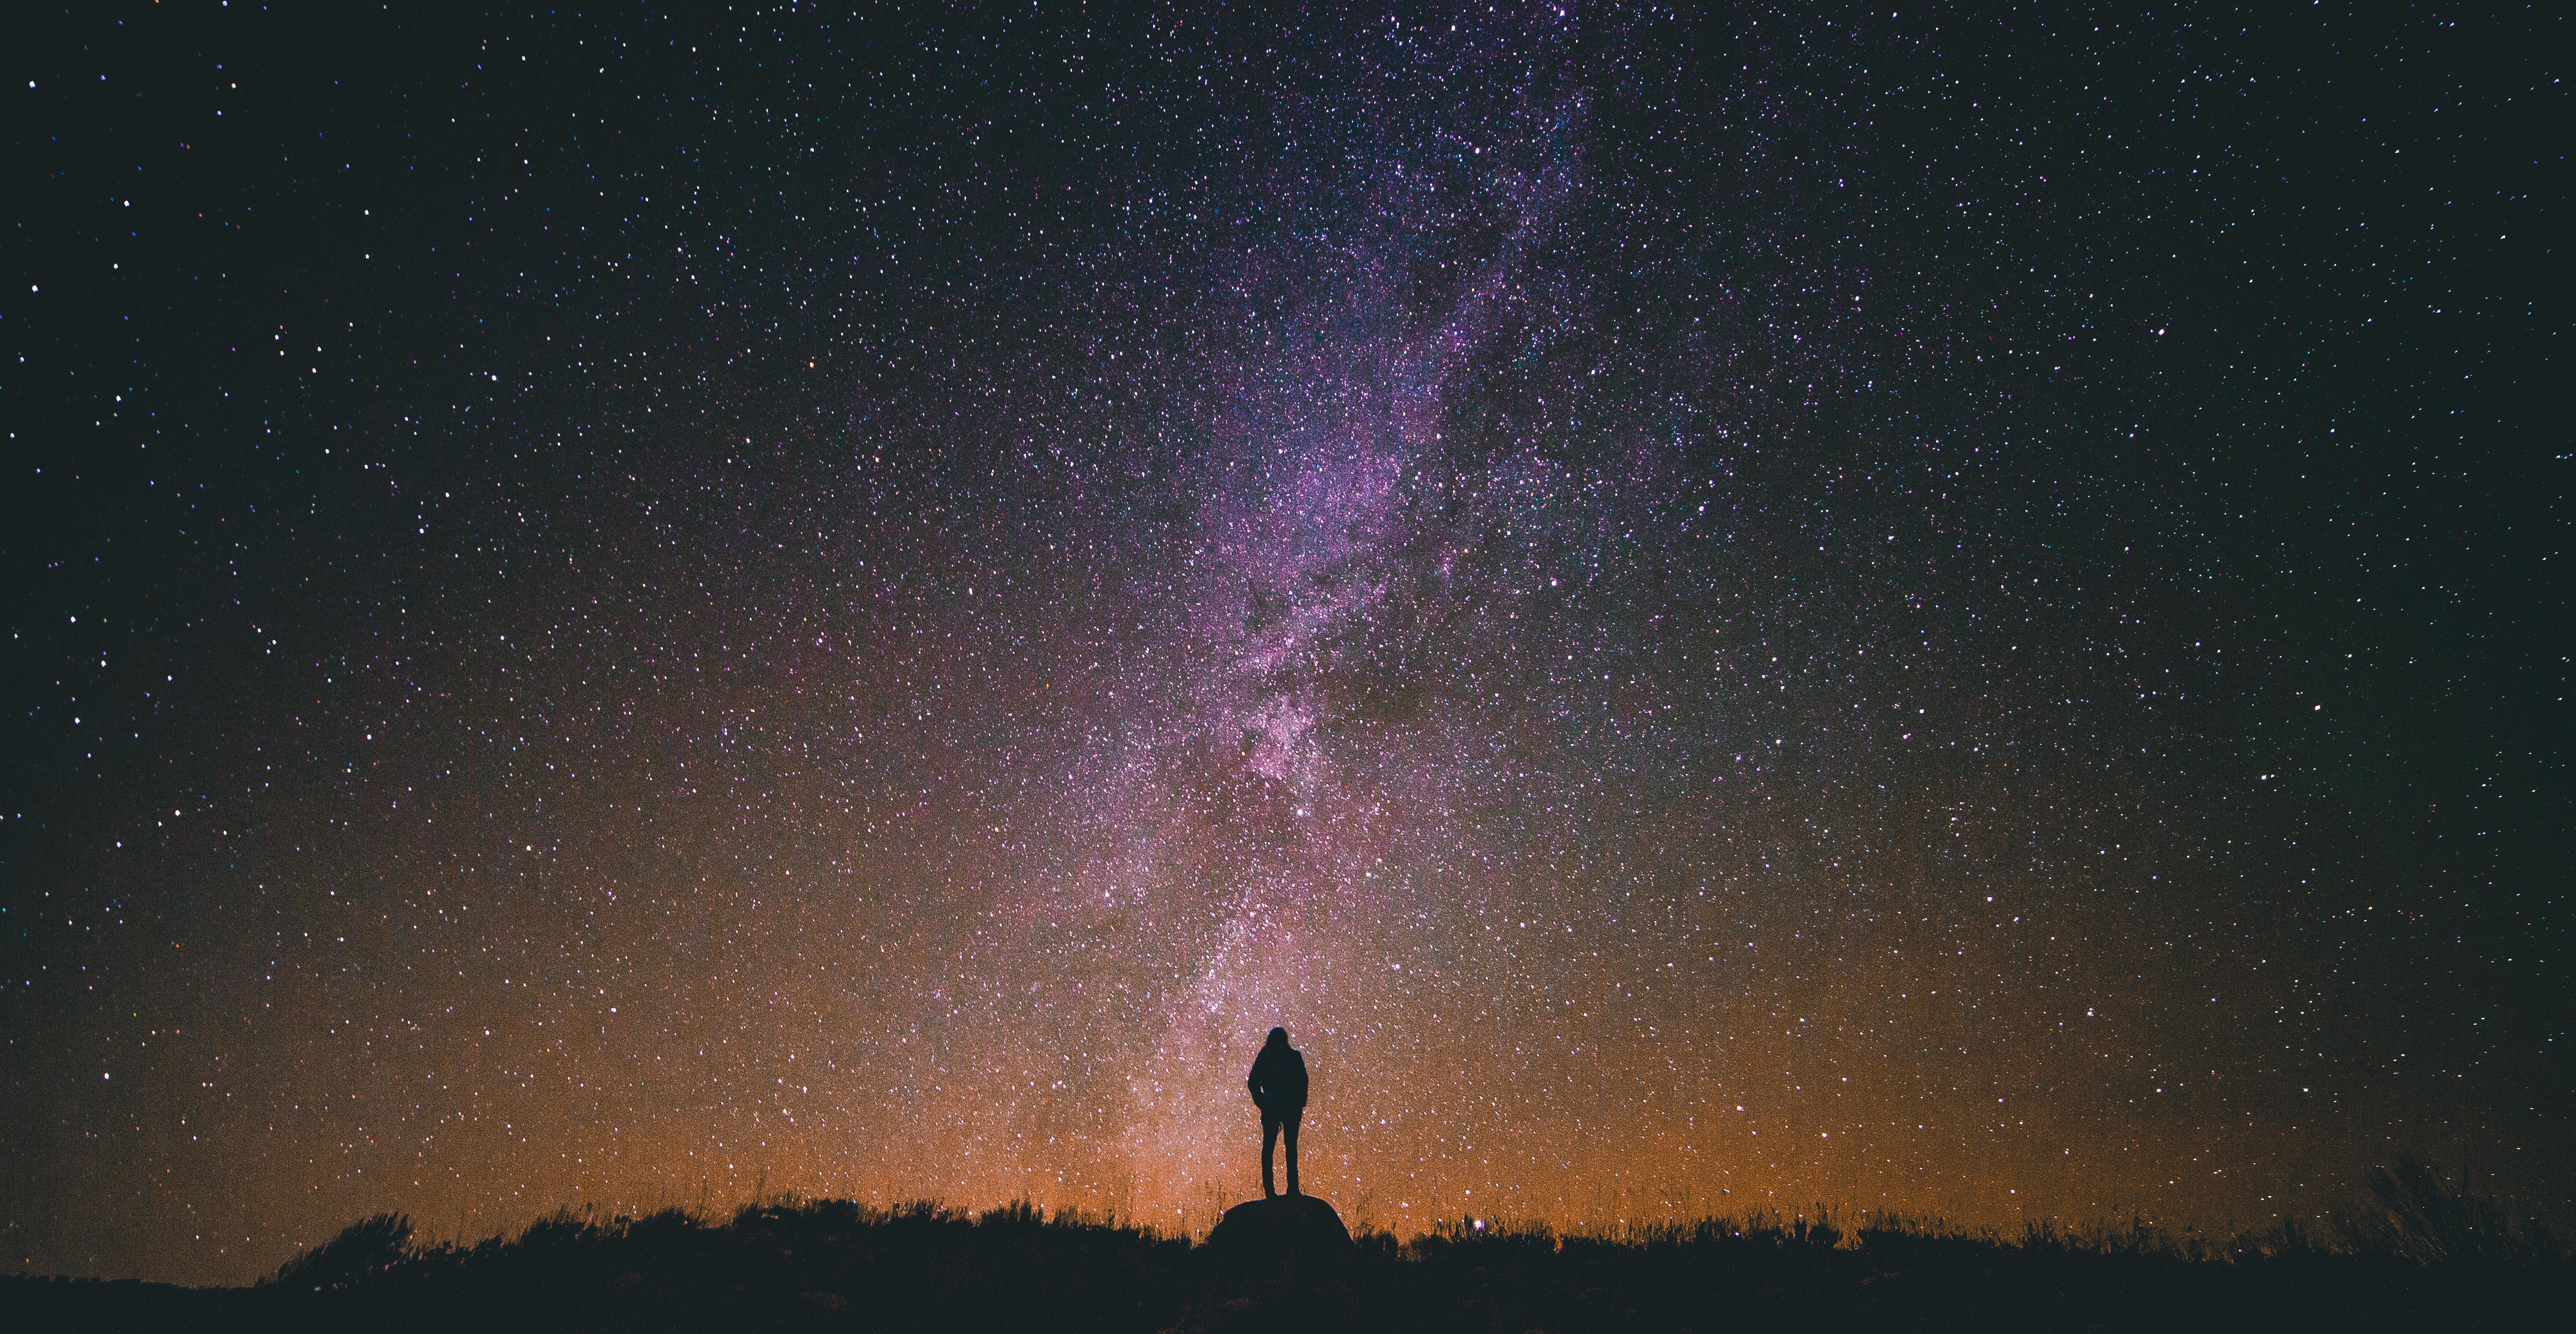 Da perderci il sonno: 10 posti pazzeschi dove andare a vedere le stelle